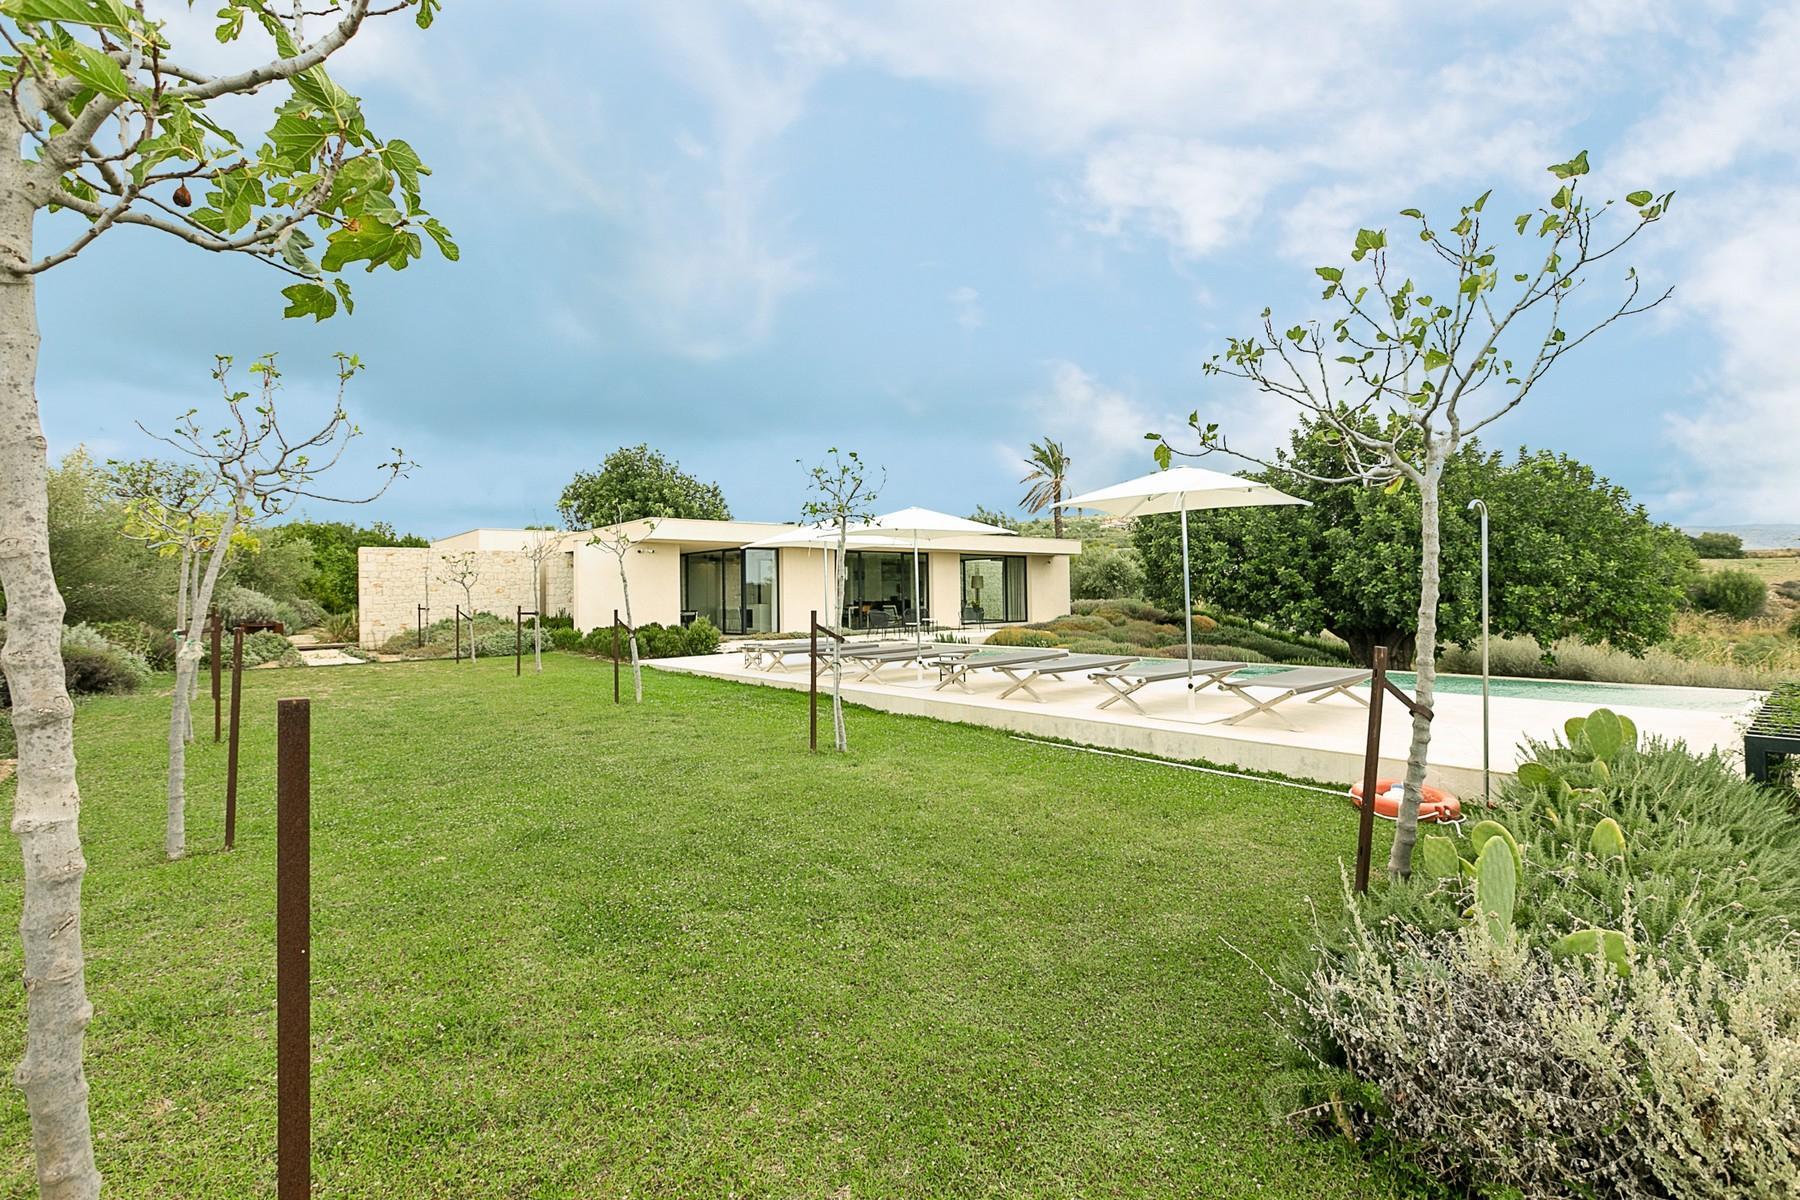 拥有游泳池和附属建筑当代设计的别墅 - 23